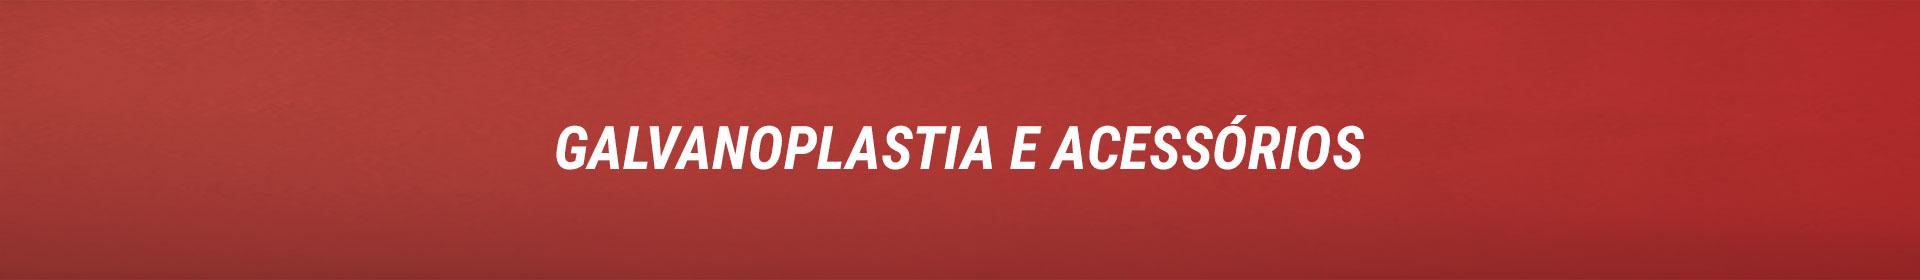 Mega-Equipamentos-Banner-Galvanoplastia-Acessorios